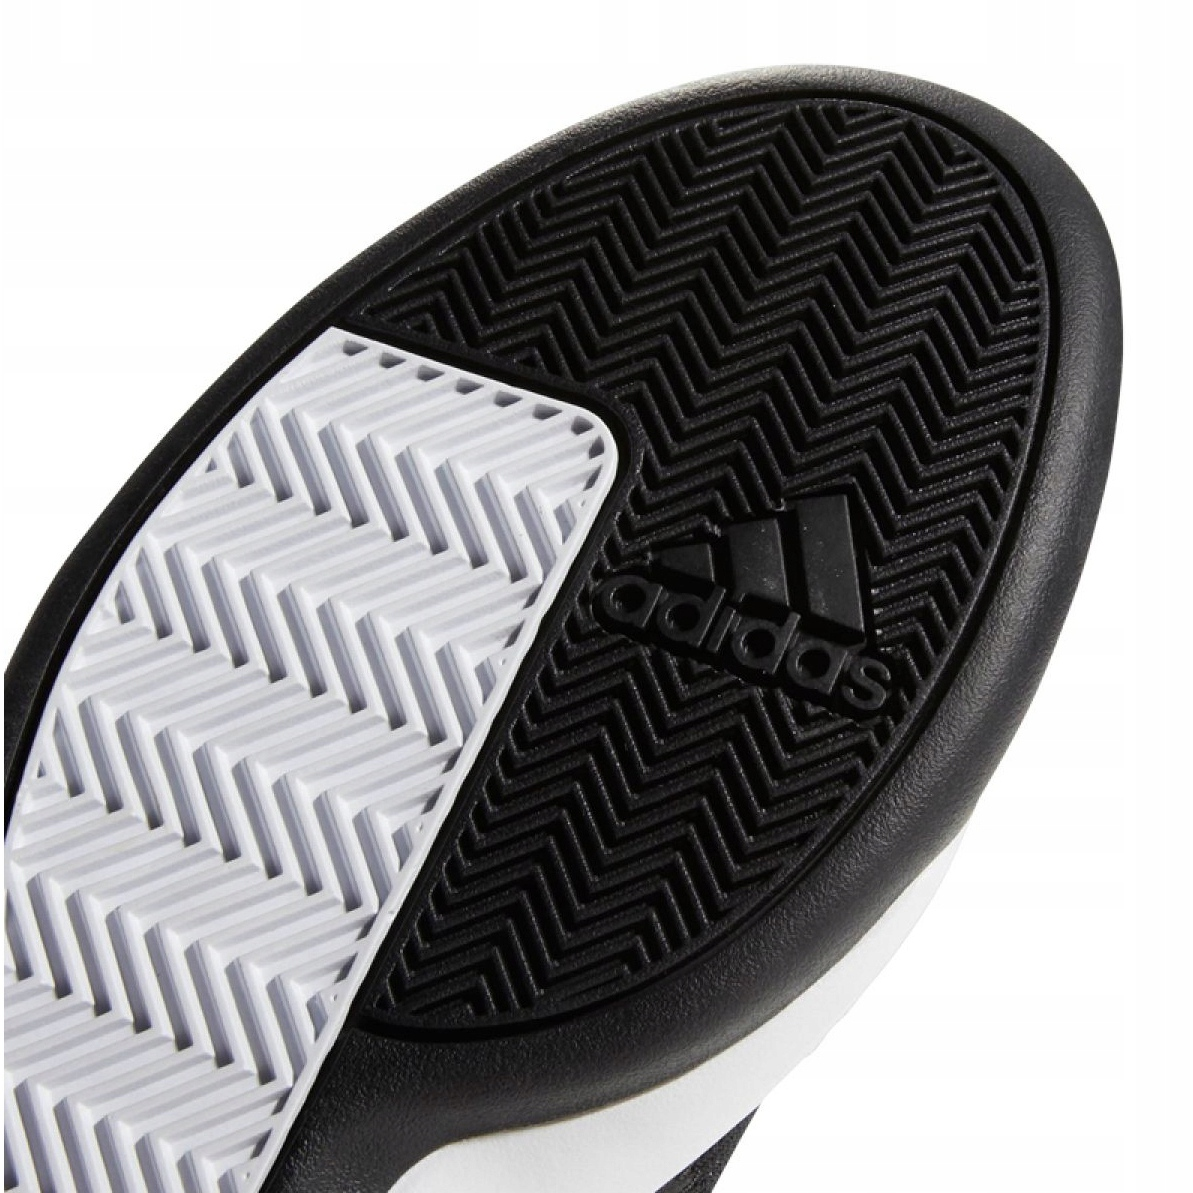 Adidas Pro Adversary 2019 M BB7806 cipő fekete szürke ezüst